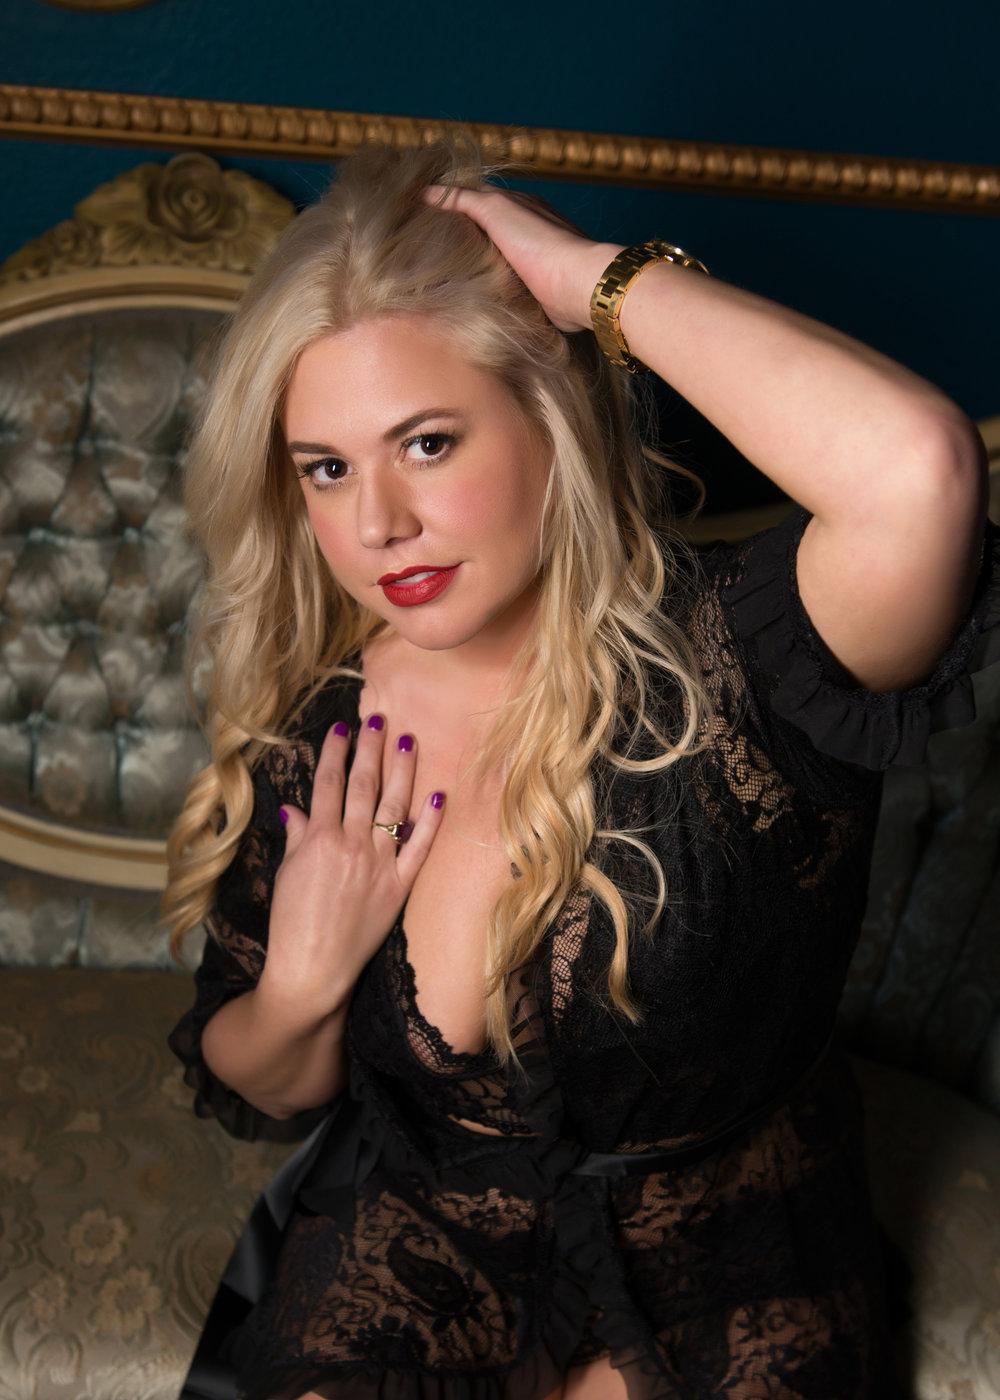 Alexis - black lace